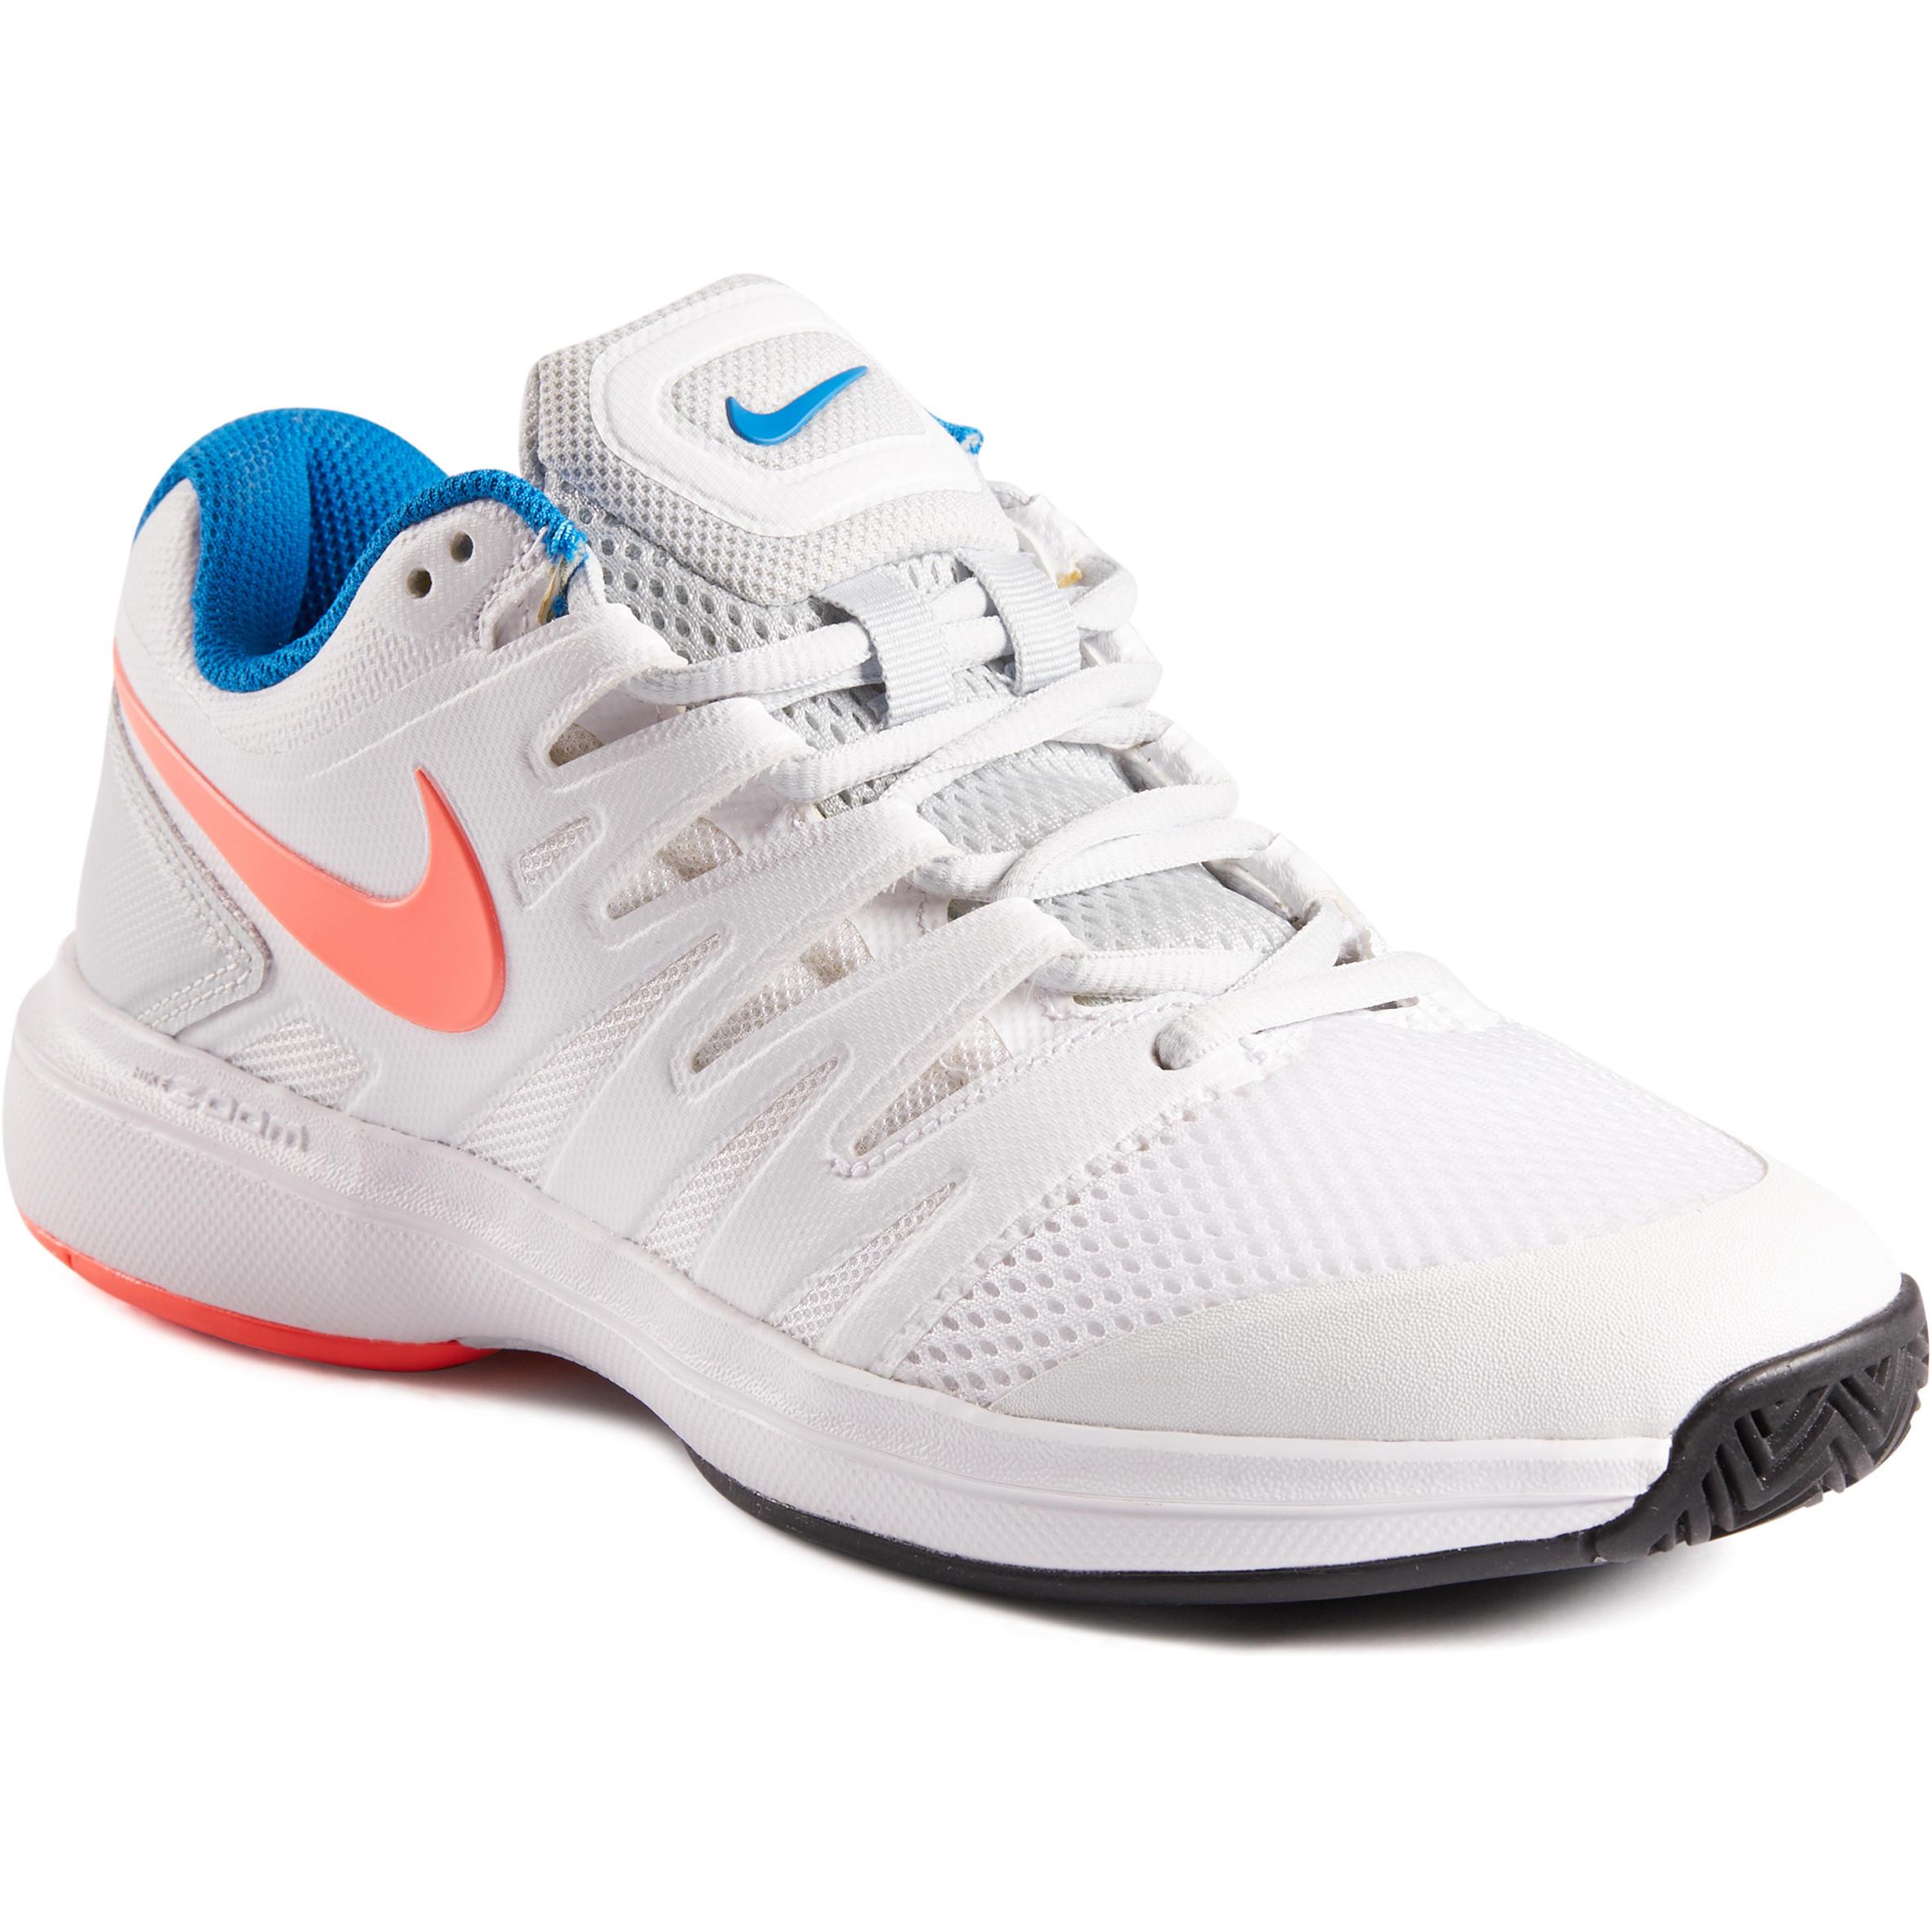 2451418 Nike Tennisschoenen voor dames Zoom Prestige wit roze